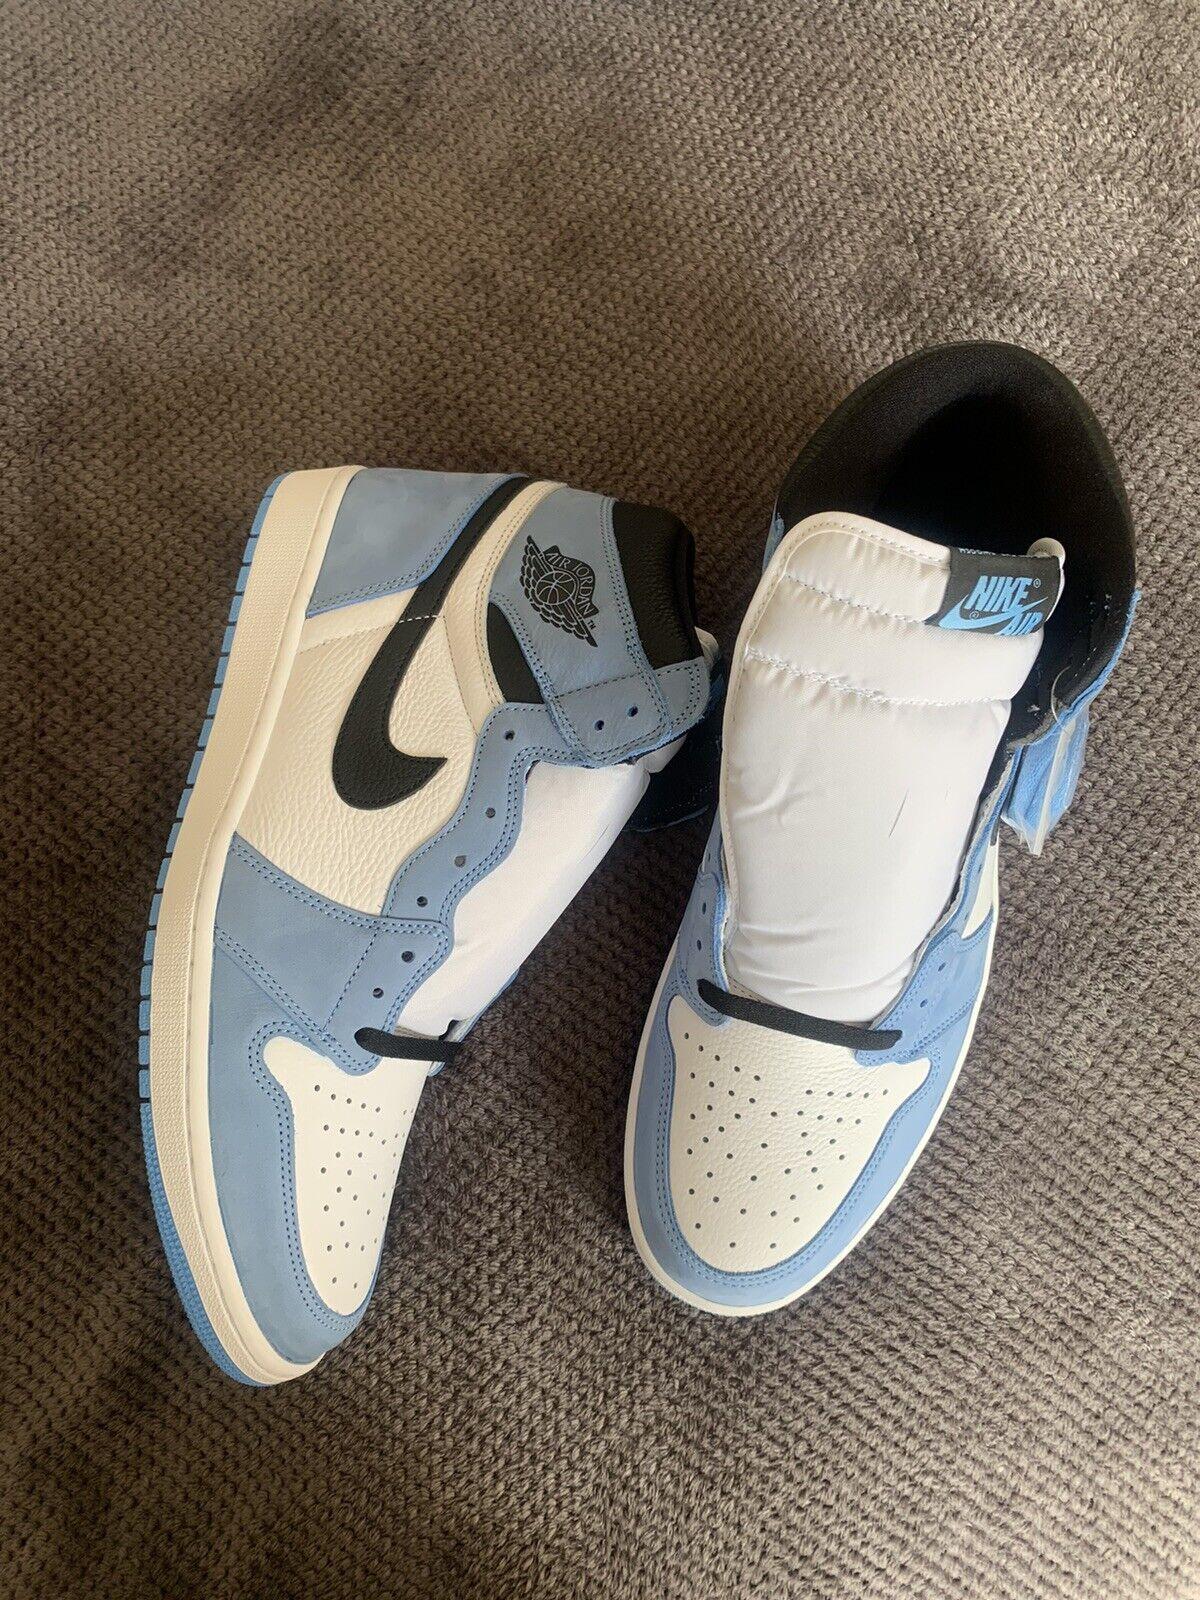 Jordan 1 retro high white University blue Size 15 UK DEADSTOCK